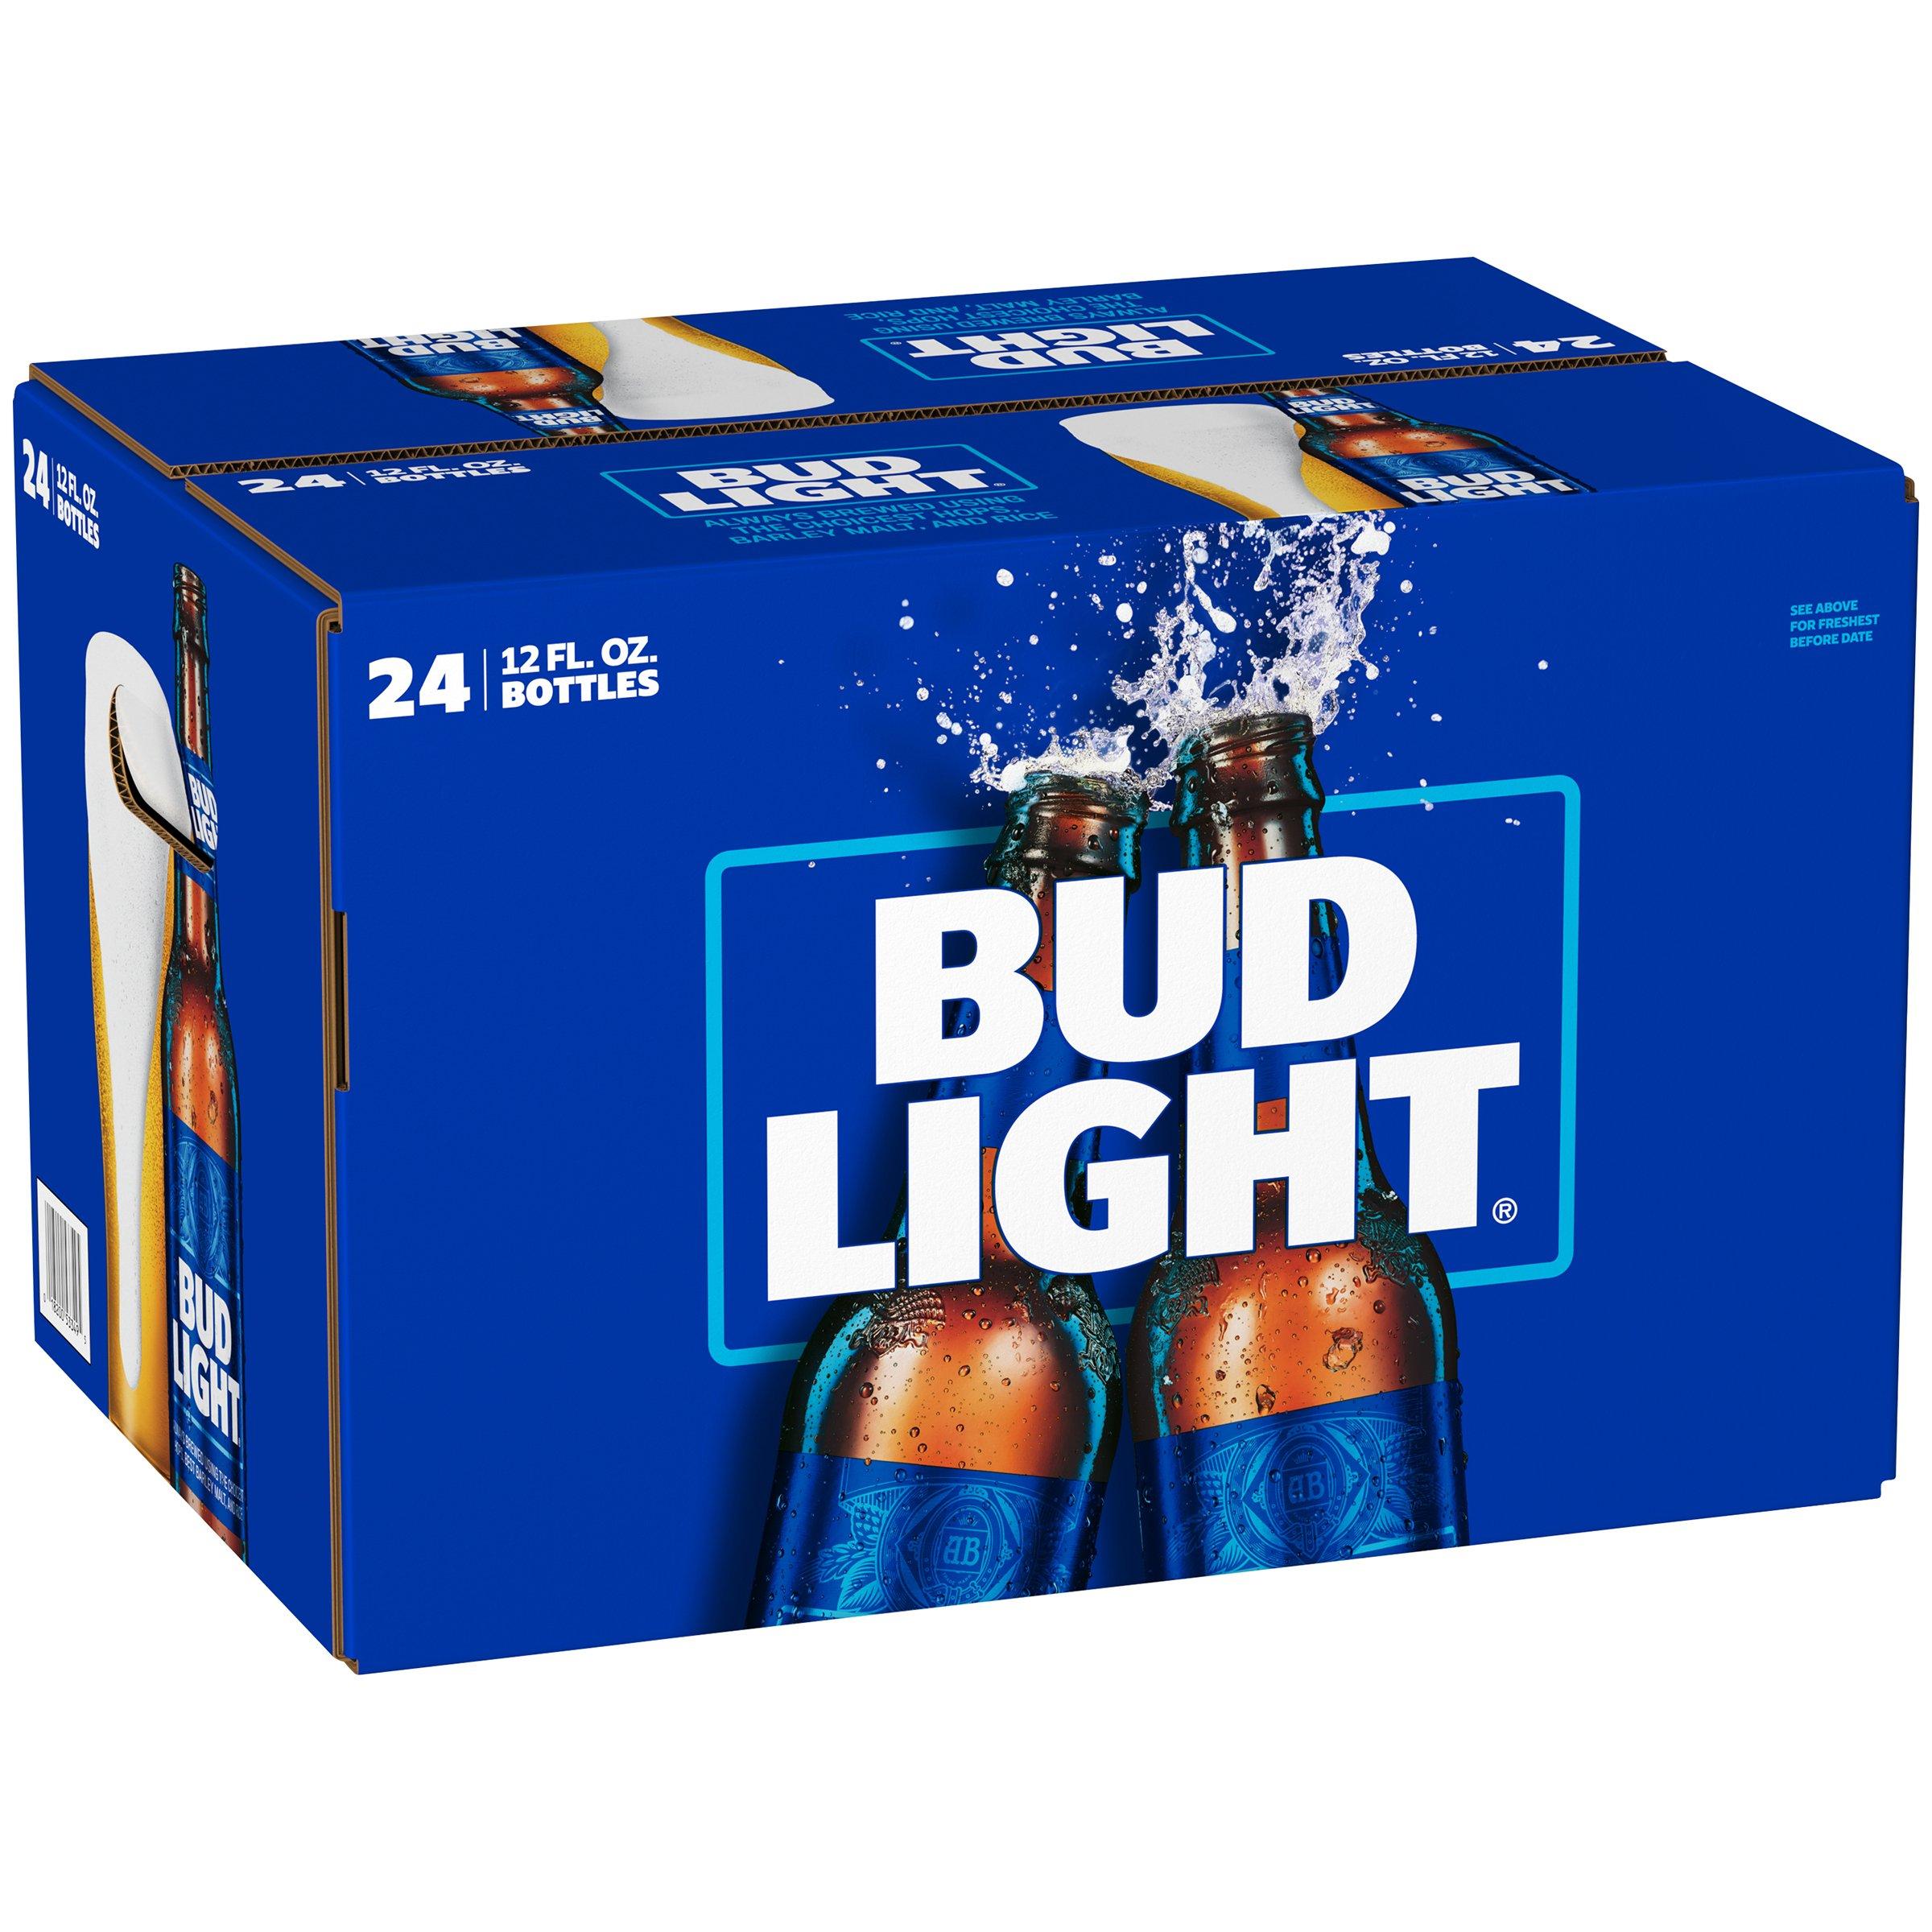 Bud Light Beer 12 Oz Bottles U2011 Shop Bud Light Beer 12 Oz Bottles U2011 Shop Bud  Light Beer 12 Oz Bottles U2011 Shop Bud Light Beer 12 Oz Bottles U2011 Shop ...